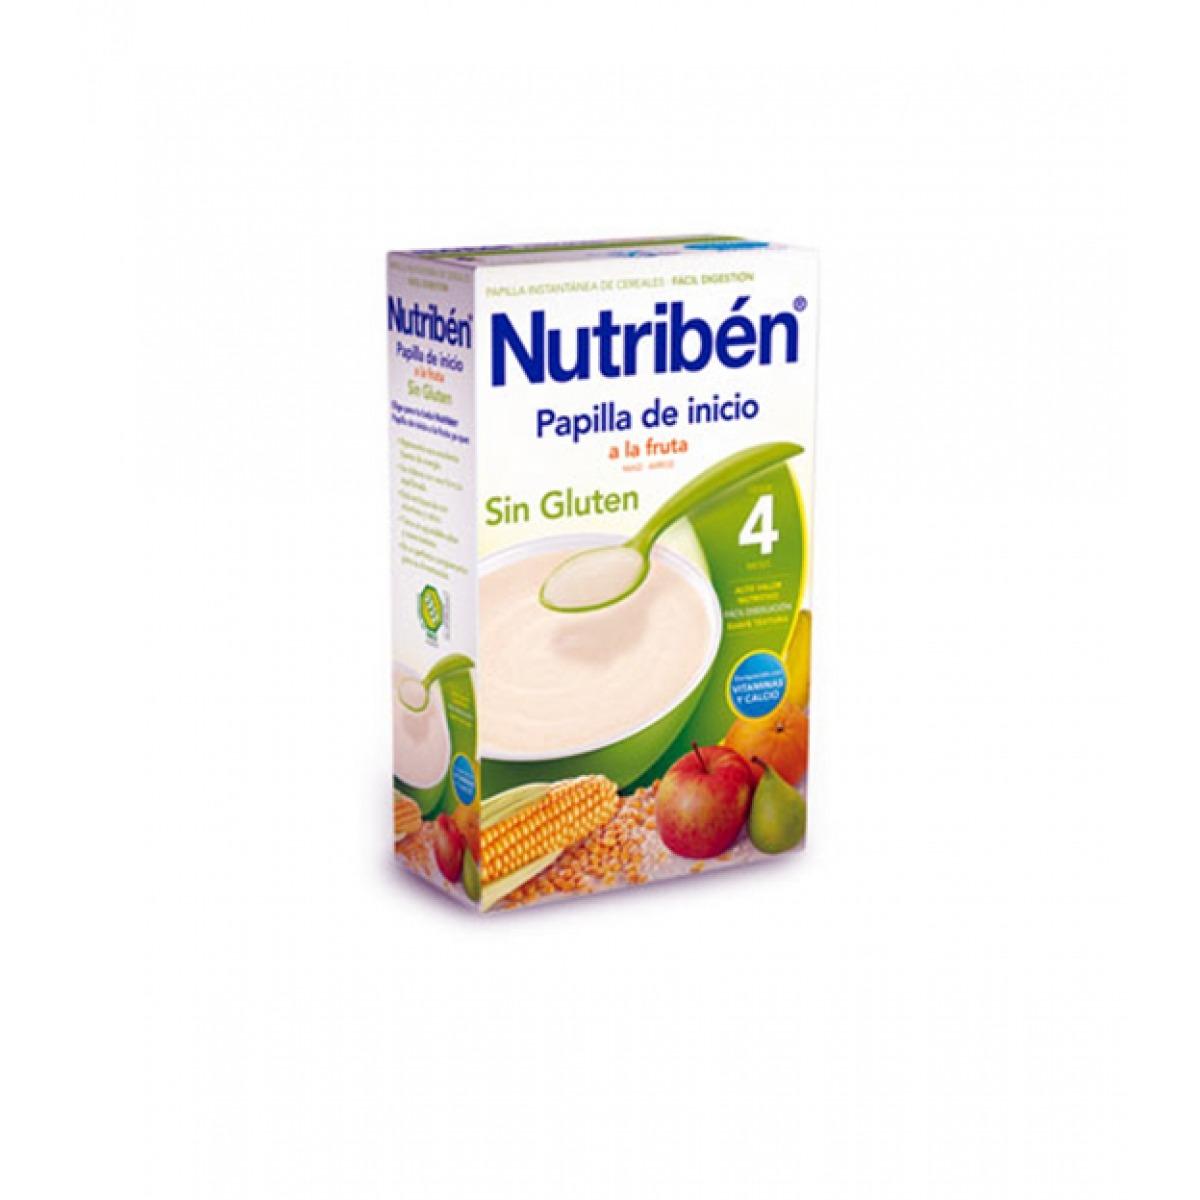 NUTRIBEN PAPILLA DE INICIO A LA FRUTA 300 G.